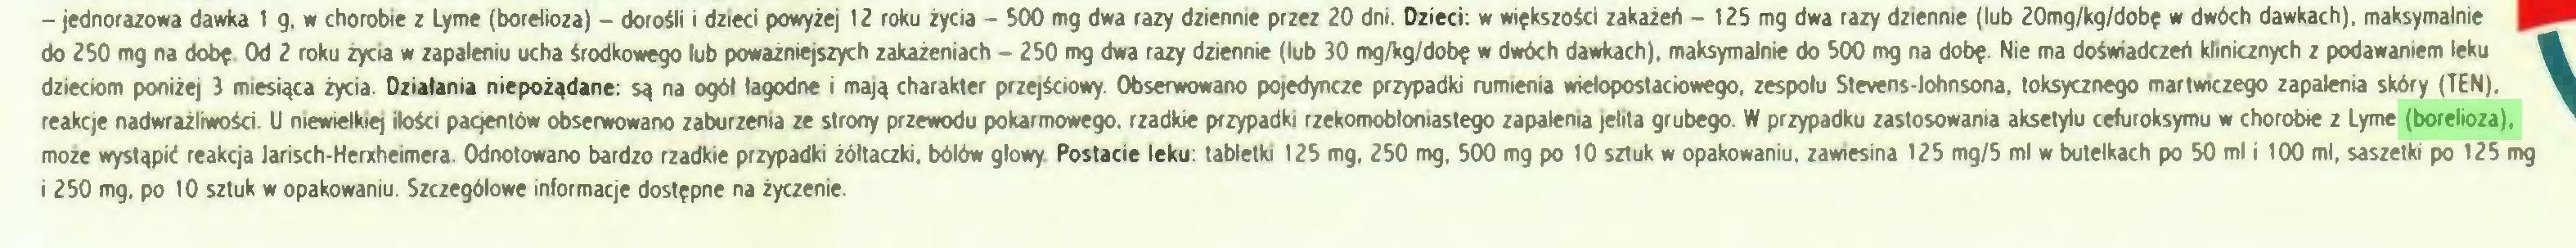 (...) - jednorazowa dawka 1 g. w chorobie z Lyme (borelioza) - dorośli i dzieci powyżej 12 roku życia - 500 mg dwa razy dziennie przez 20 dni. Dzieci: w większości zakażeń - 125 mg dwa razy dziennie (lub 20mg/kg/dobę w dwóch dawkach), maksymalnie do 250 mg na dobę. Od 2 roku życia w zapaleniu ucha środkowego lub poważniejszych zakażeniach - 250 mg dwa razy dziennie (lub 30 mg/kg/dobę w dwóch dawkach), maksymalnie do 500 mg na dobę. Nie ma doświadczeń klinicznych z podawaniem leku dzieciom poniżej 3 miesiąca życia. Działania niepożądane: są na ogól łagodne i mają charakter przejściowy. Obserwowano pojedyncze przypadki rumienia wielopostaciowego, zespołu Stevens-lohnsona, toksycznego martwiczego zapalenia skóry (TEN), reakcje nadwrażliwości. U niewielkiej ilości pacjentów obserwowano zaburzenia ze strony przewodu pokarmowego, rzadkie przypadki rzekomobłoniastego zapalenia jelita grubego. W przypadku zastosowania aksetylu cefuroksymu w chorobie z Lyme (borelioza), może wystąpić reakcja Jarisch-Heniheimera. Odnotowano bardzo rzadkie przypadki żółtaczki, bólów głowy. Postacie leku: tabletki 125 mg, 250 mg, 500 mg po 10 sztuk w opakowaniu, zawiesina 125 mg/5 ml w butelkach po 50 ml i 100 ml, saszetki po 125 mg i 250 mg, po 10 sztuk w opakowaniu. Szczegółowe informacje dostępne na życzenie...